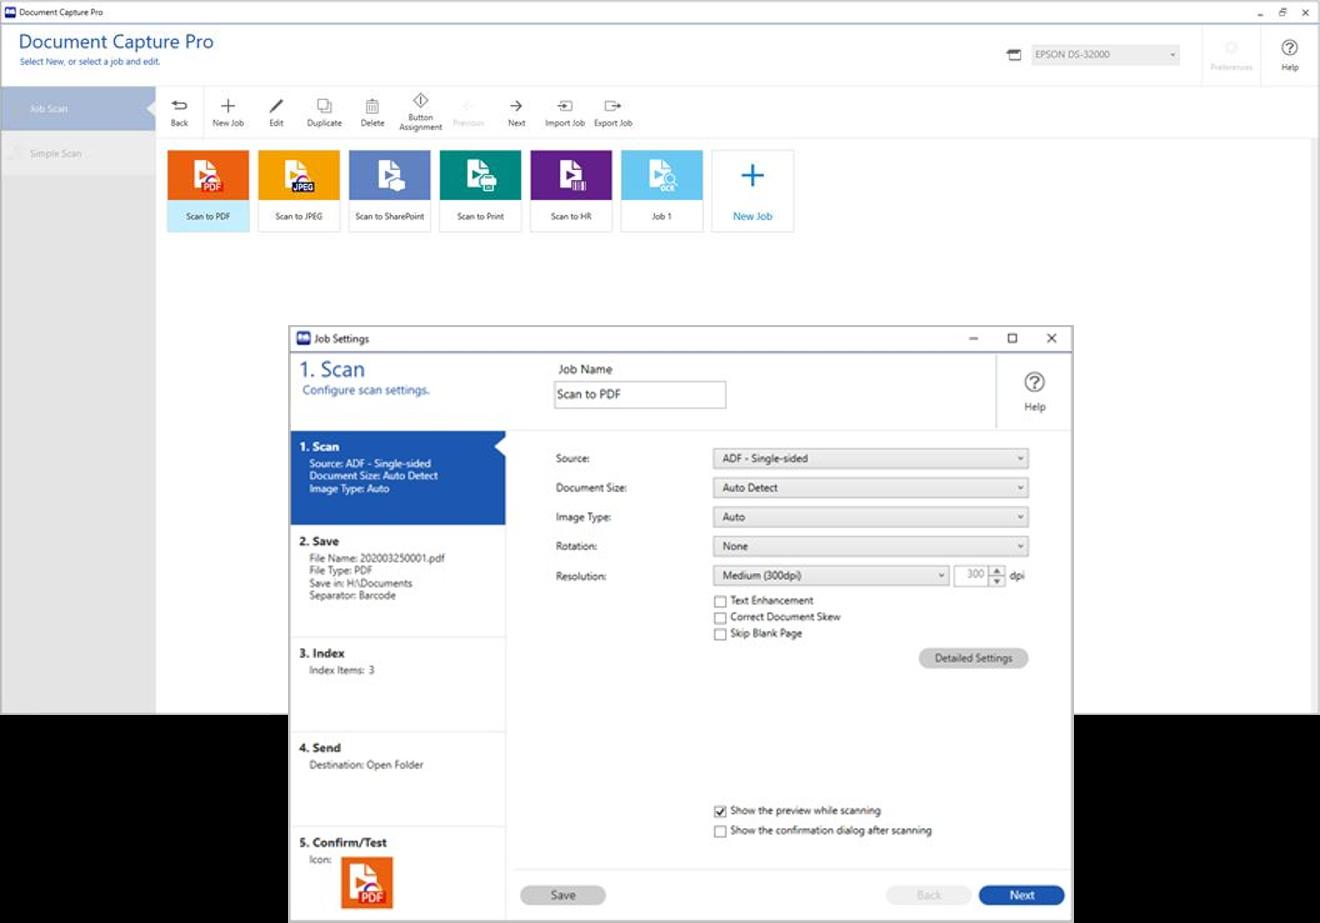 Escanea, guarda y comparte información fácilmente. Utiliza las funciones avanzadas para nombrar, separar y distribuir documentos, que harán que el escaneado sea una tarea intuitiva y simple.